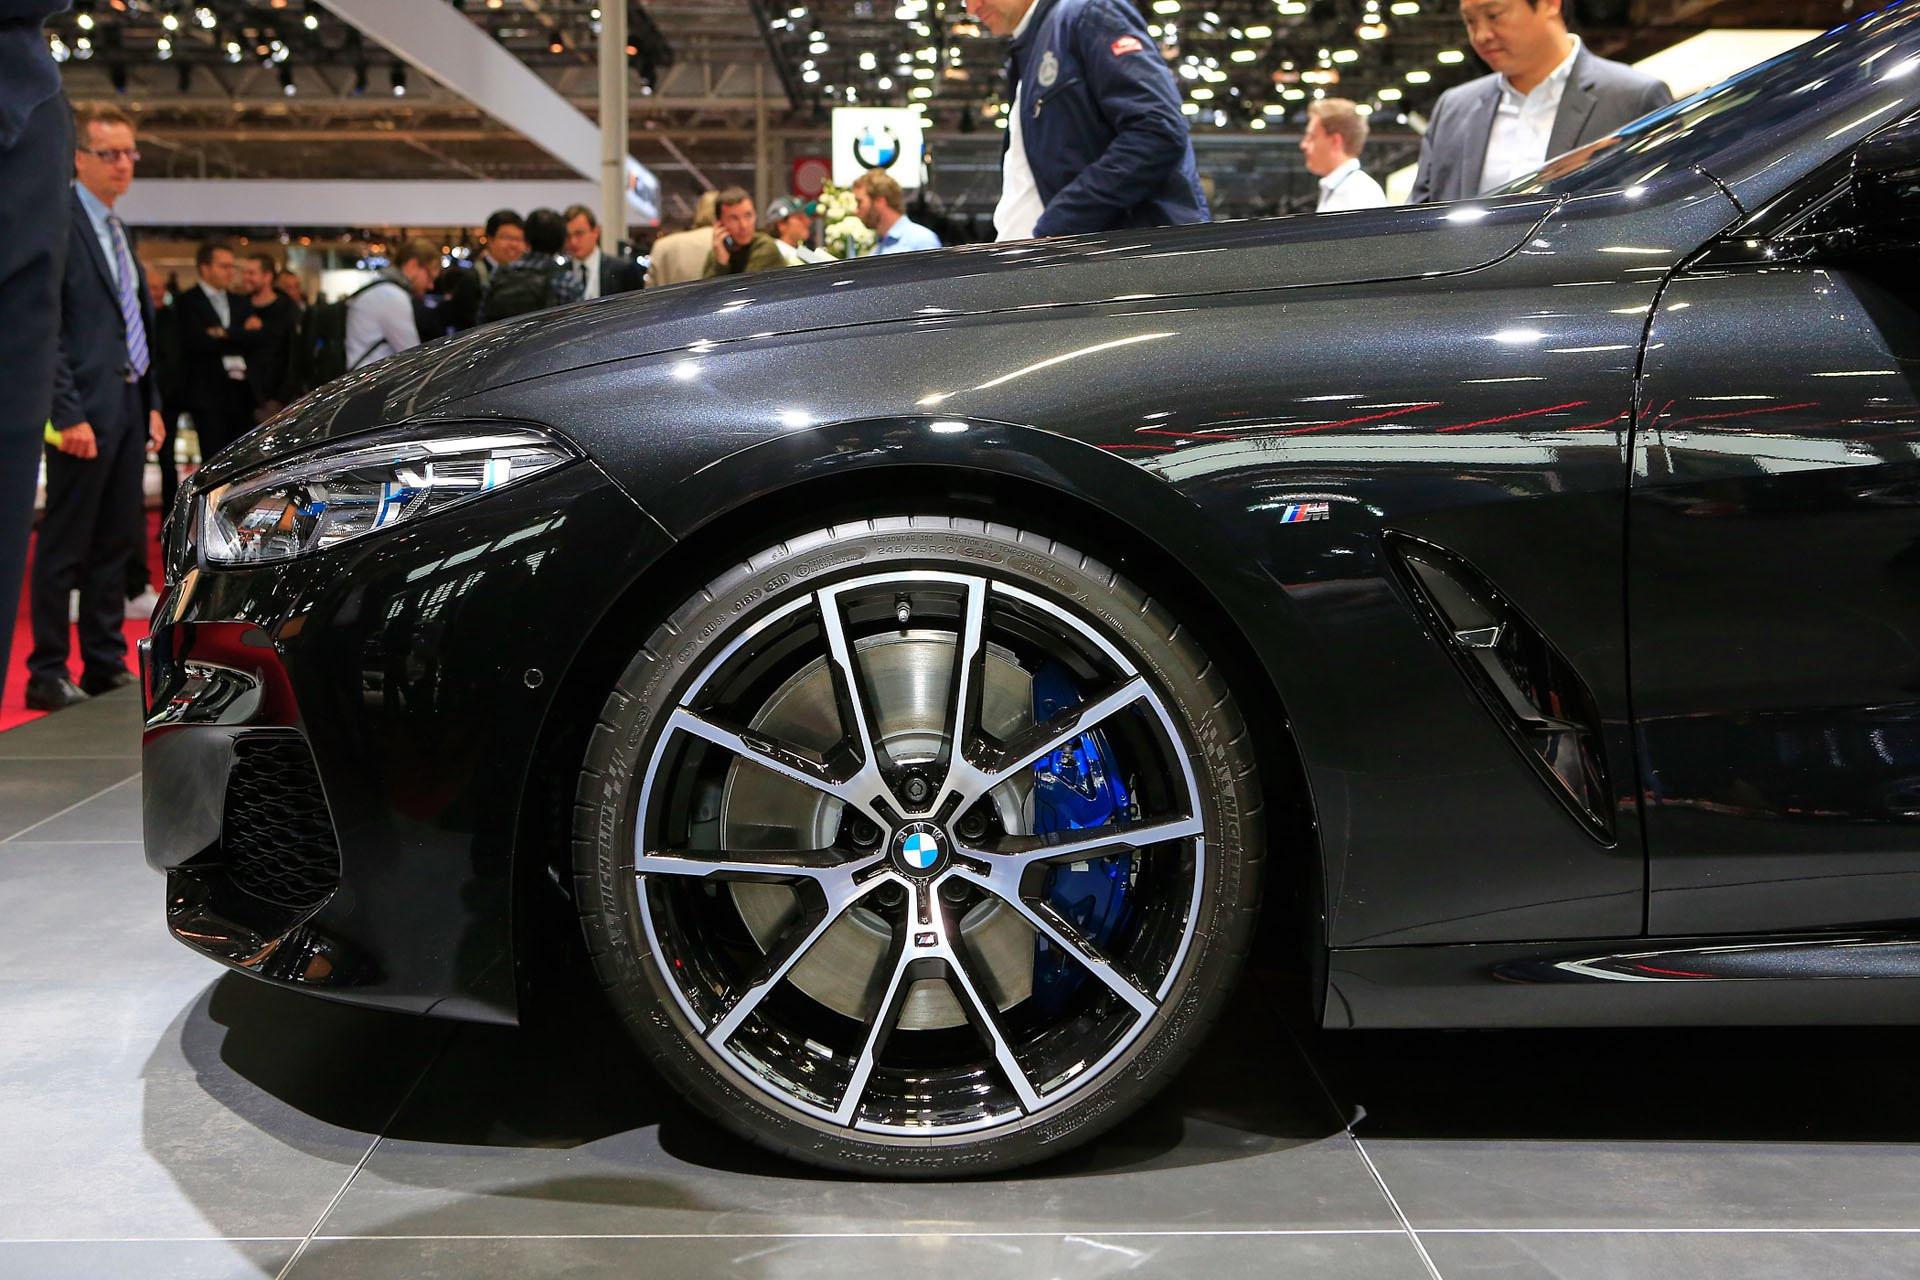 Thị trường xe - BMW 8-Series 2019 'mơ' cạnh tranh Aston Martin DB11 (Hình 7).